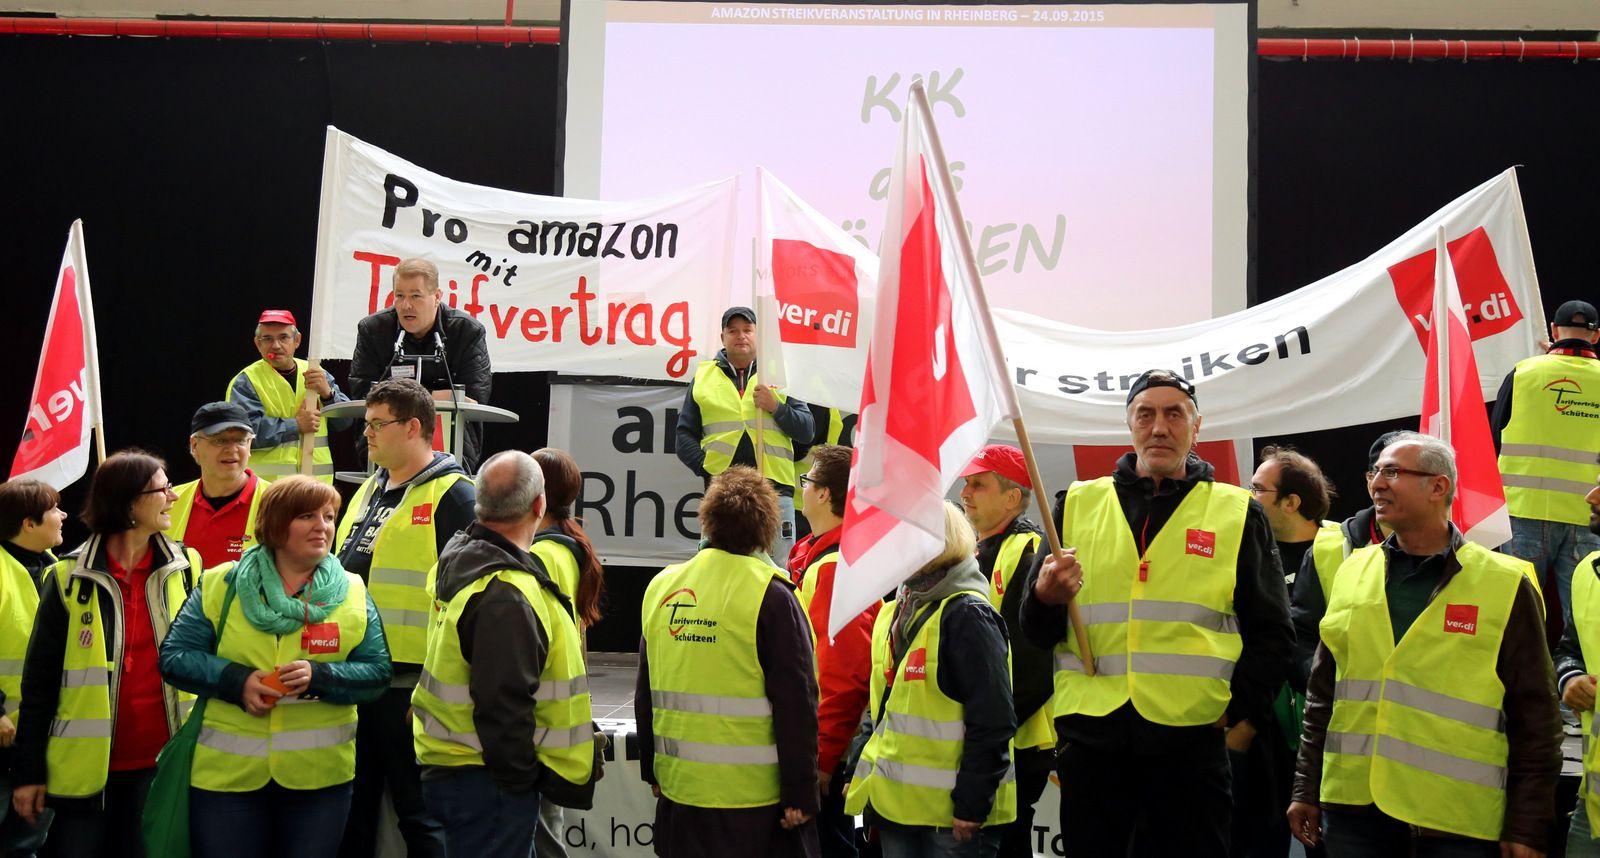 In neuen Branchen und Dienstleistungssektoren, die meist keine betrieblichen Mitbestimmungsstrukturen haben, versuchen die Gewerkschaften, die Beschäftigten zu organisieren.<br /> Bild: Streik bei Amazon in Rheinberg 2015 zur Durchsetzung eines Tarifvertrags, 24.09.2015, Foto: Niels Holger Schmidt, Quelle: [https://www.flickr.com/photos/dielinke_nrw/21669180392/ Flickr], Lizenz: [https://creativecommons.org/licenses/by-sa/2.0/ CC BY-SA 2.0]